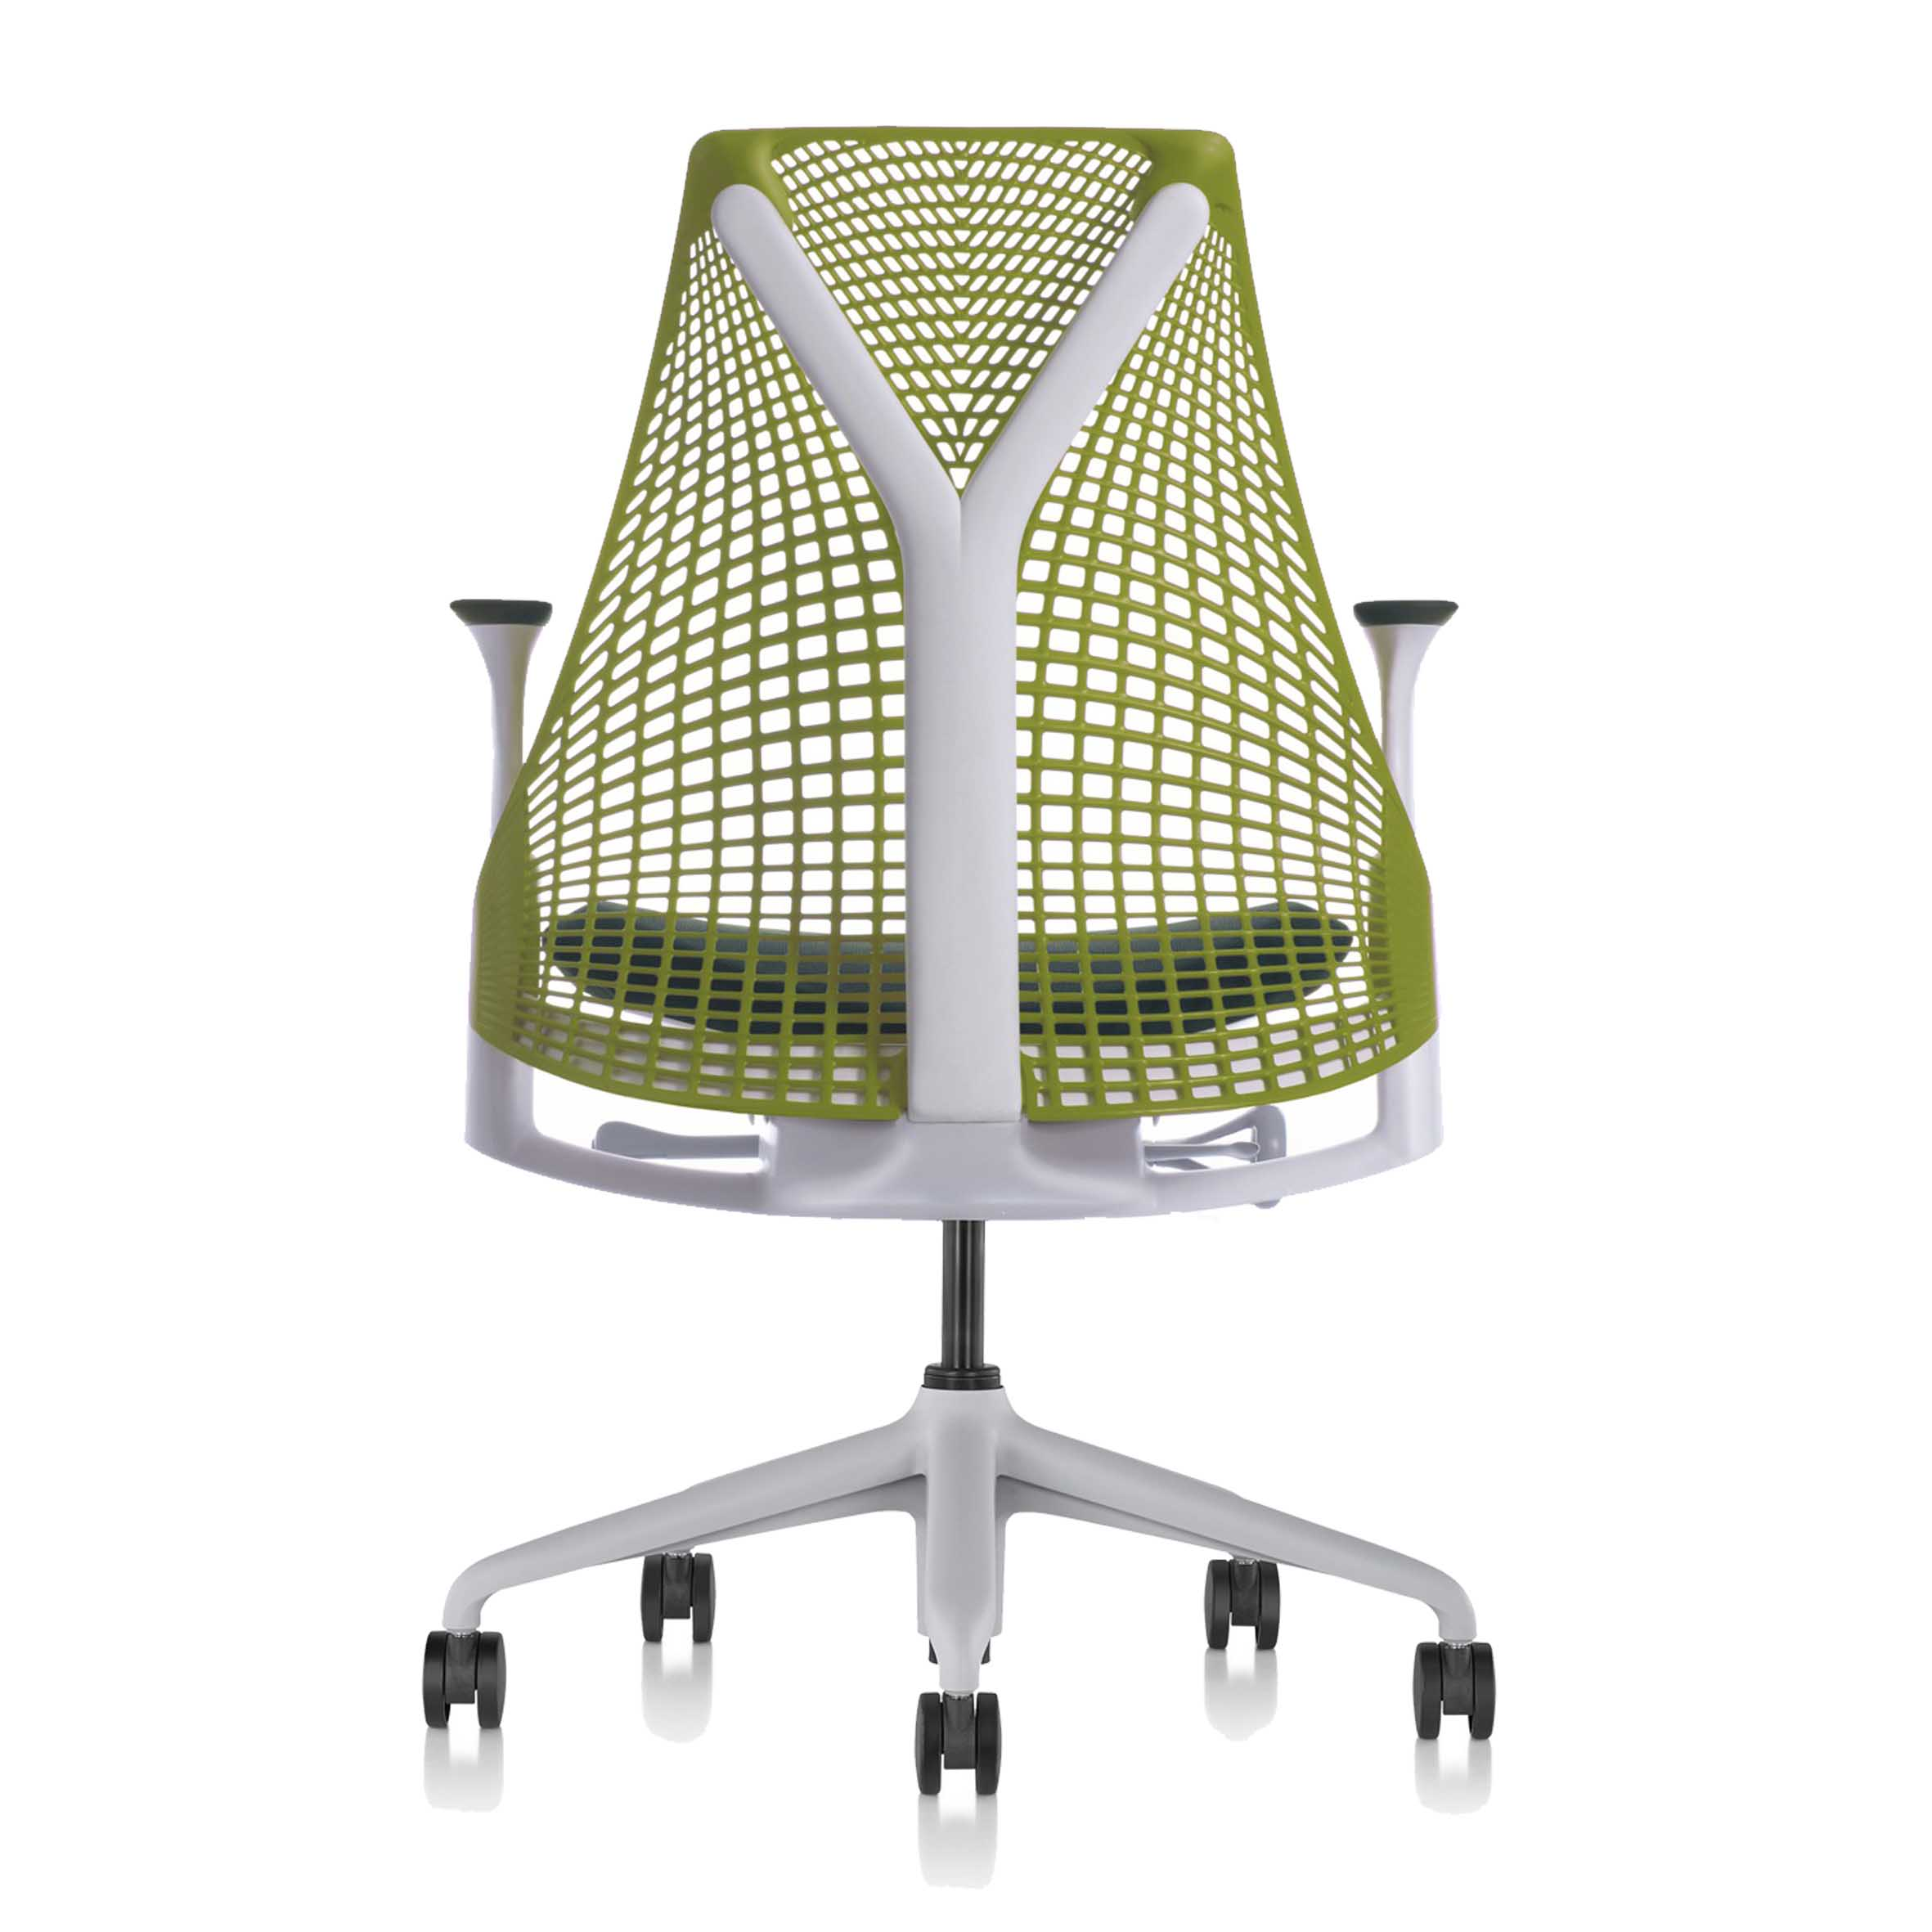 【ハーマンミラー正規販売店】セイルチェア Sayl Chair サスペンションミドルバック グリーン